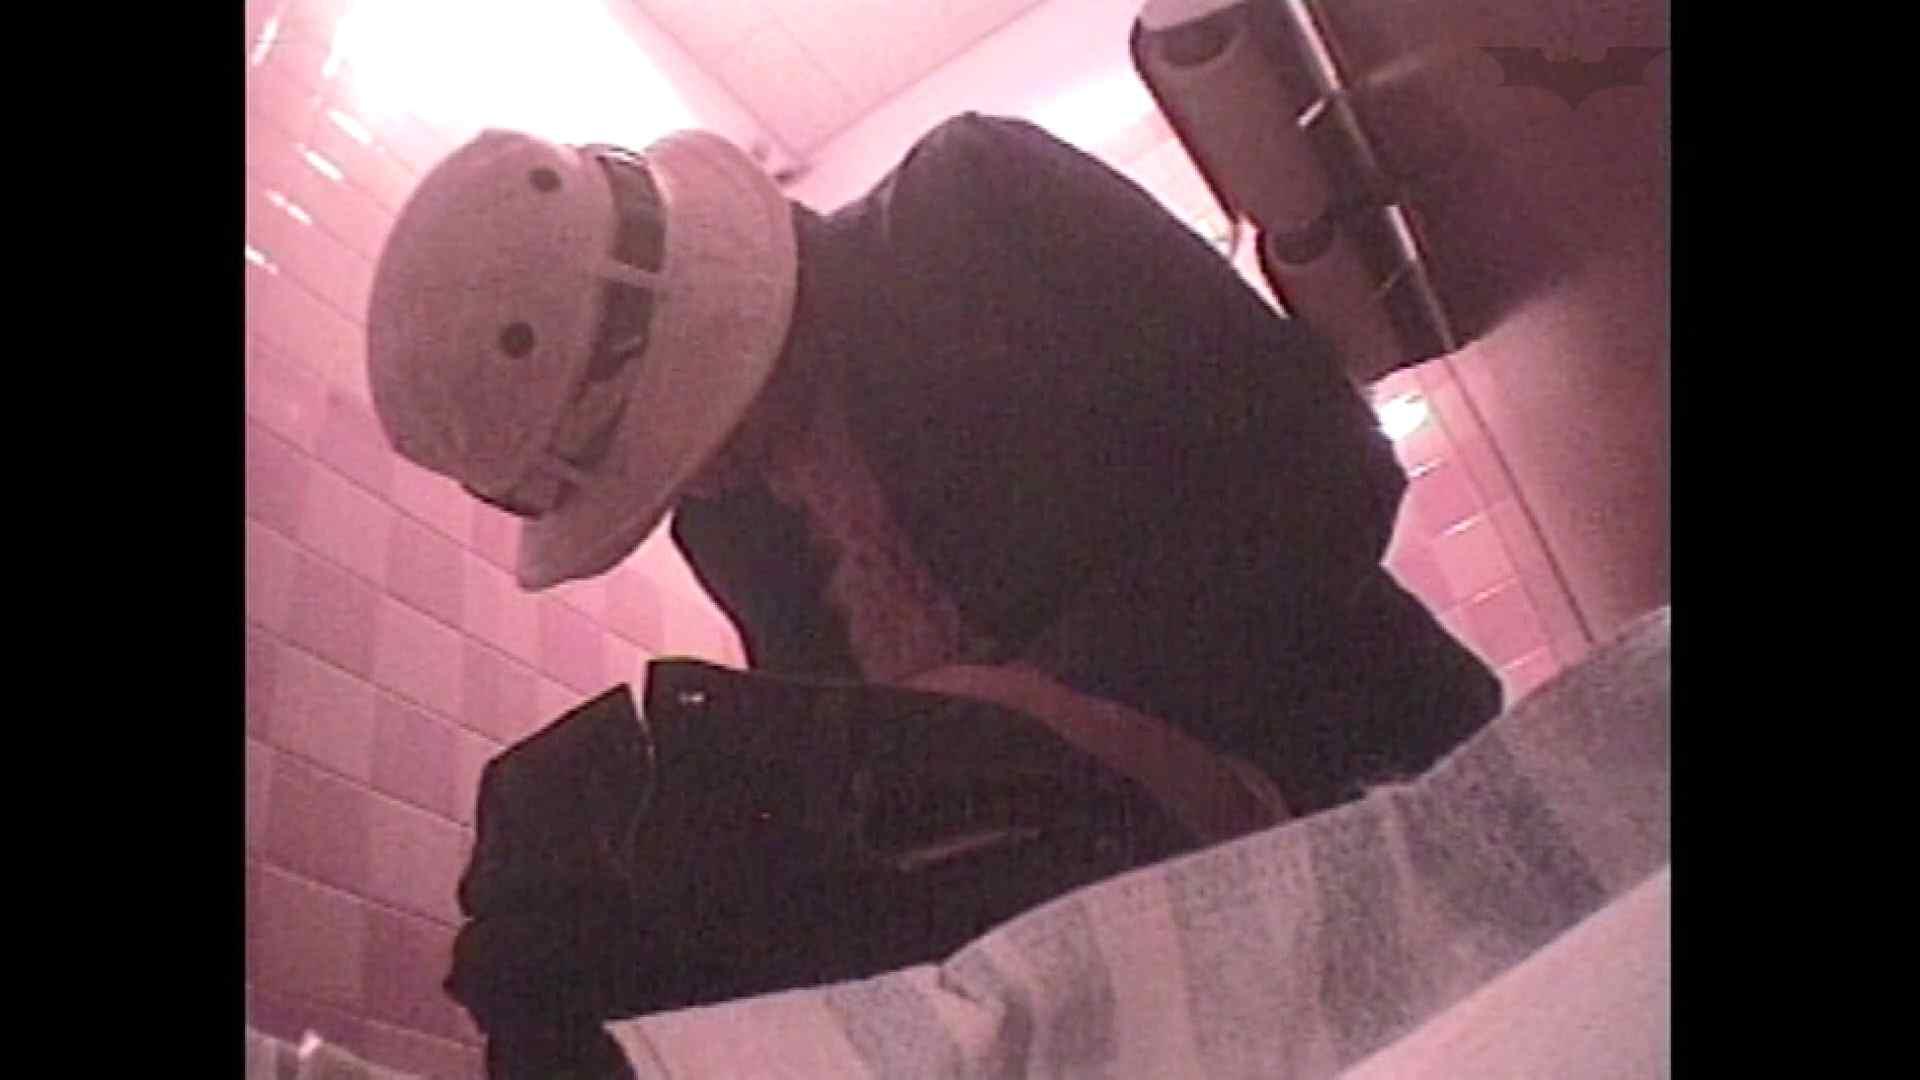 レース場での秘め事 Vol.02 エッチなお姉さん オメコ無修正動画無料 84画像 33